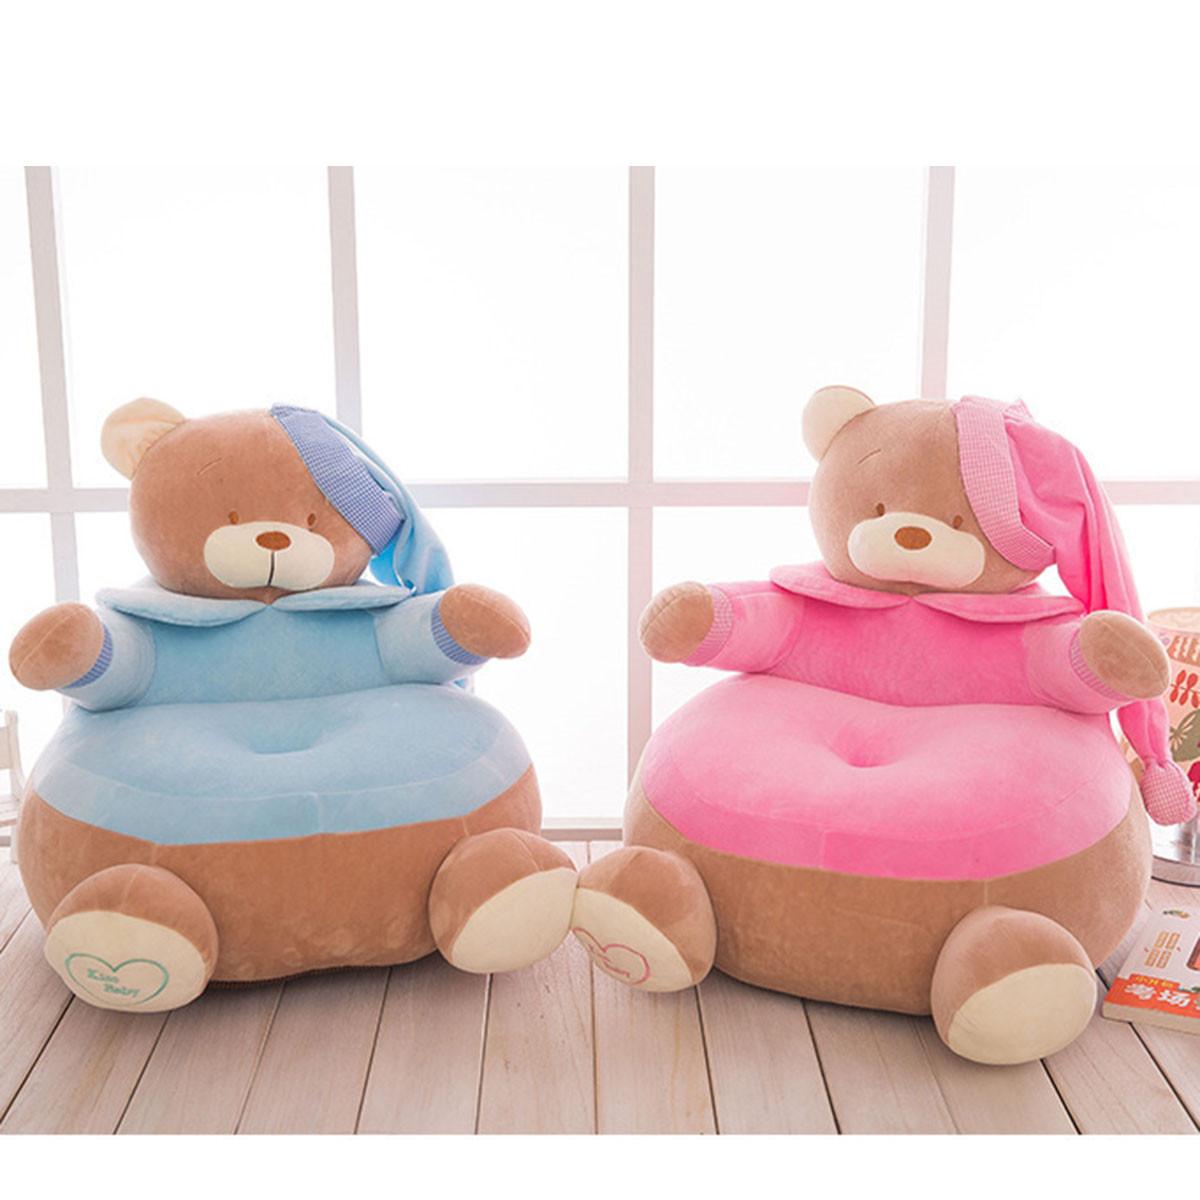 Детские сиденья кожа мягкий диван плюшевые дети мешок фасоли стул комфорт плюшевые мультфильм медведь стульев моющийся чехол только нет заполнение